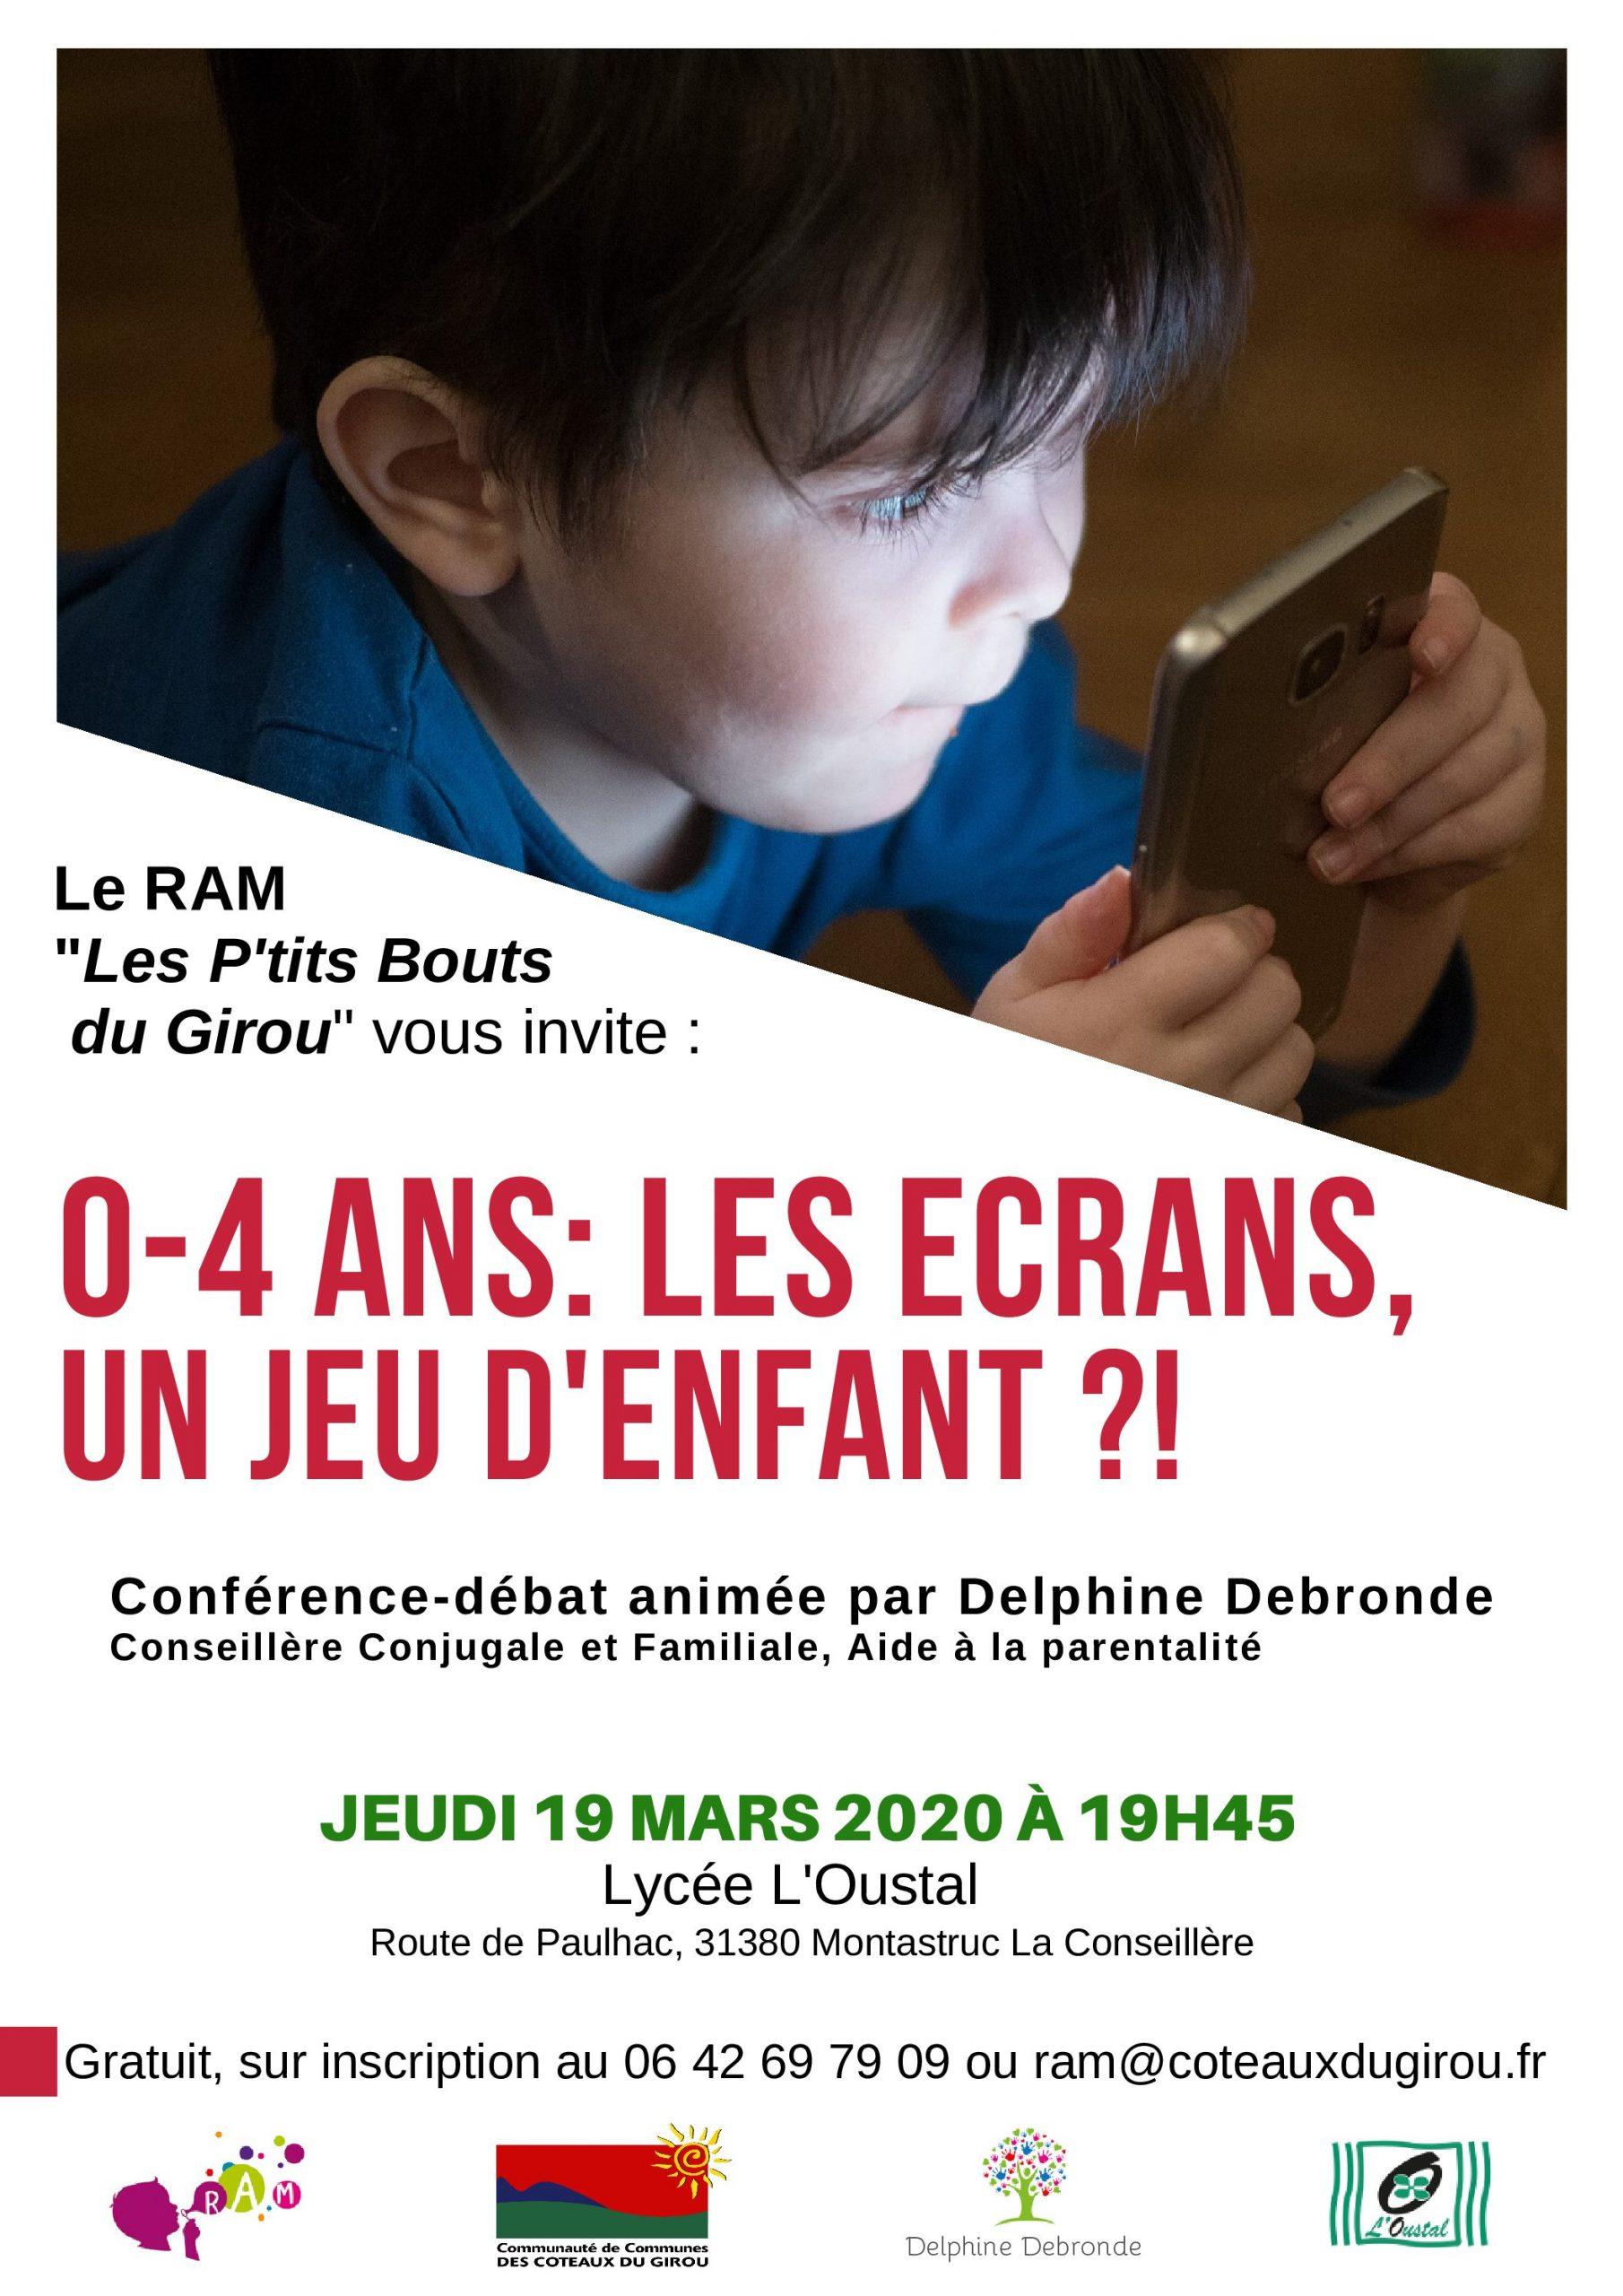 0-4 Ans : Les Écrans, Un Jeu D'enfant ?! Organisé Par Le Ram dedans Jeux Gratuit 4 Ans